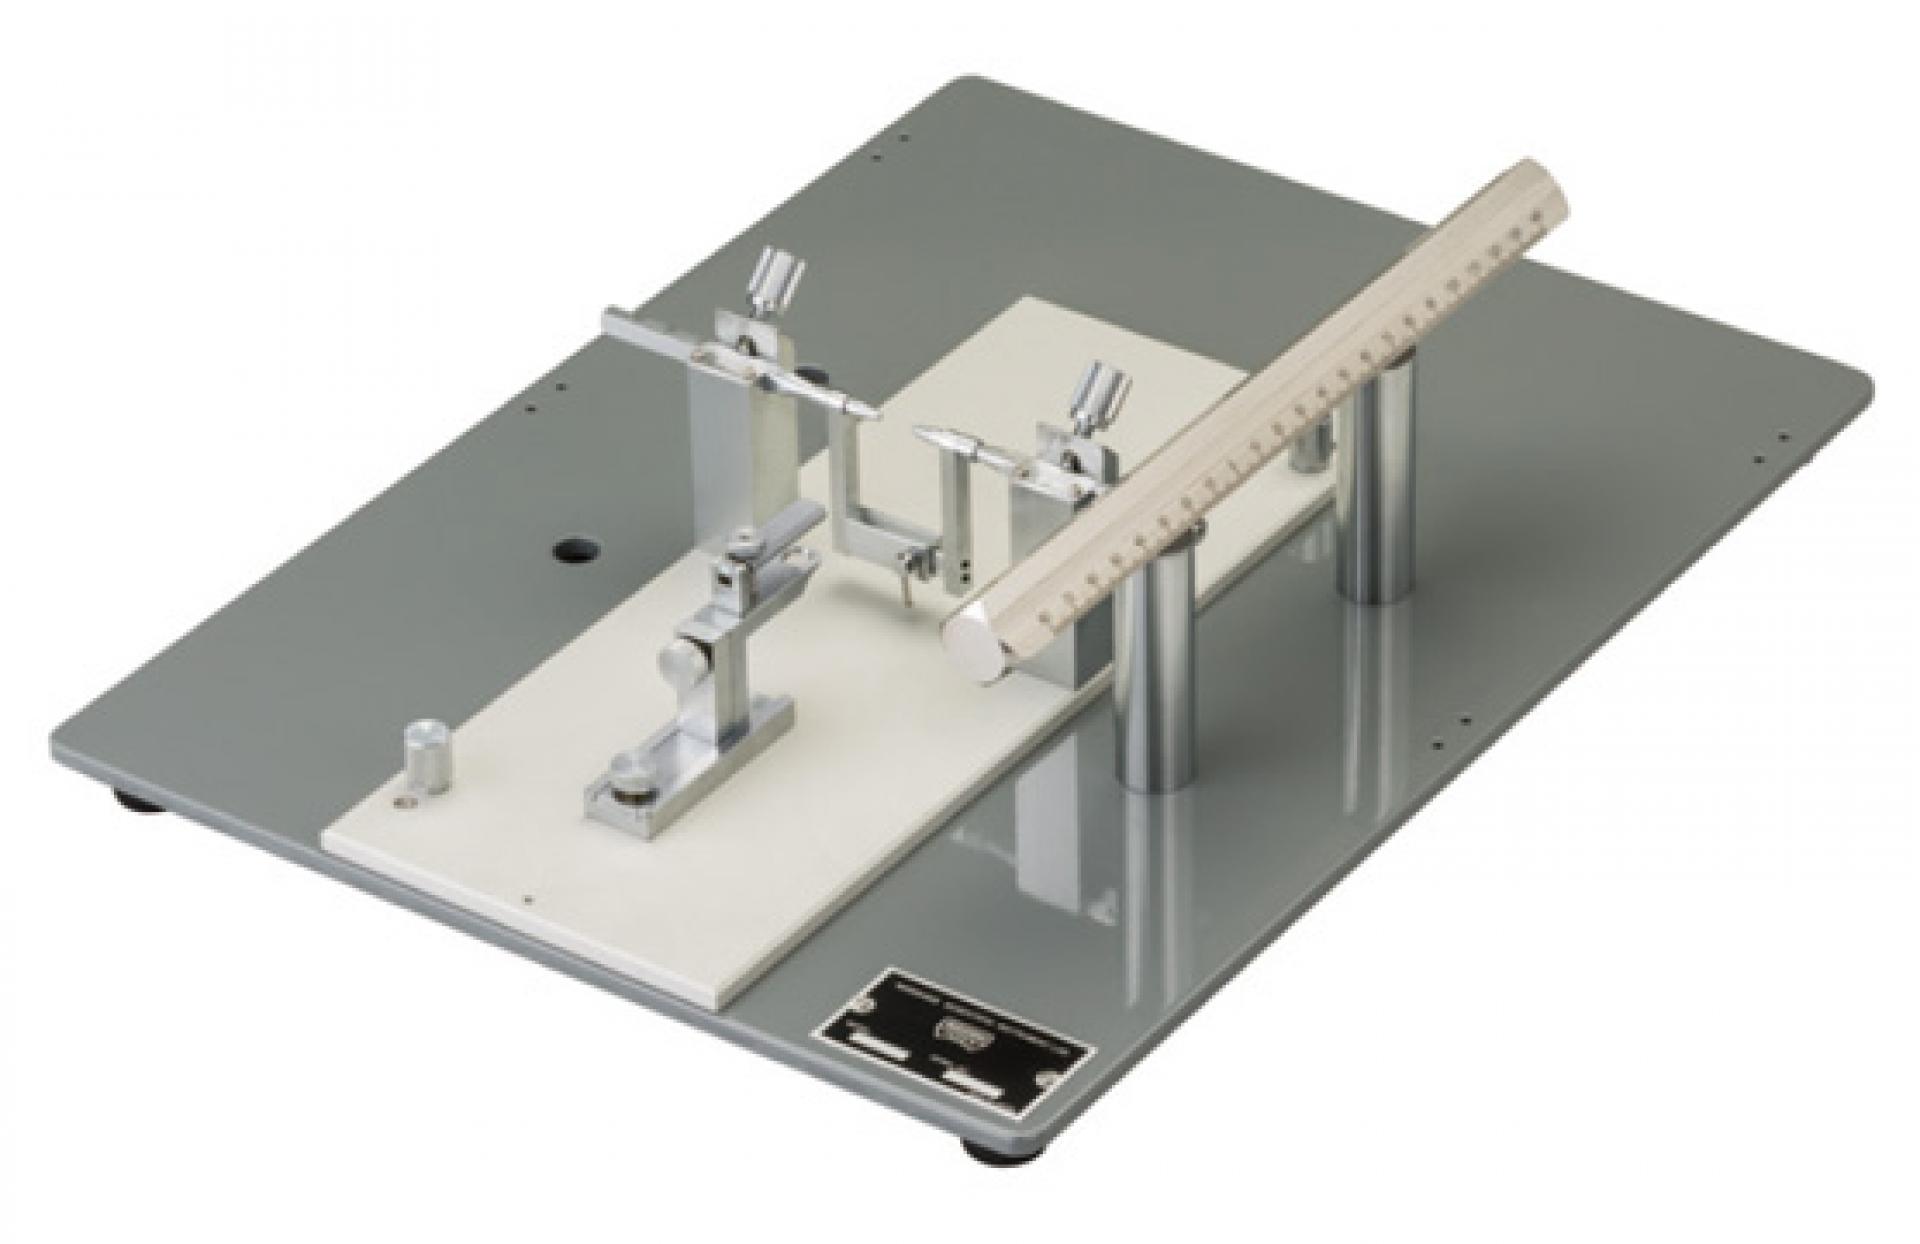 SR-5R-HT Instrument stéréotaxique pour rat